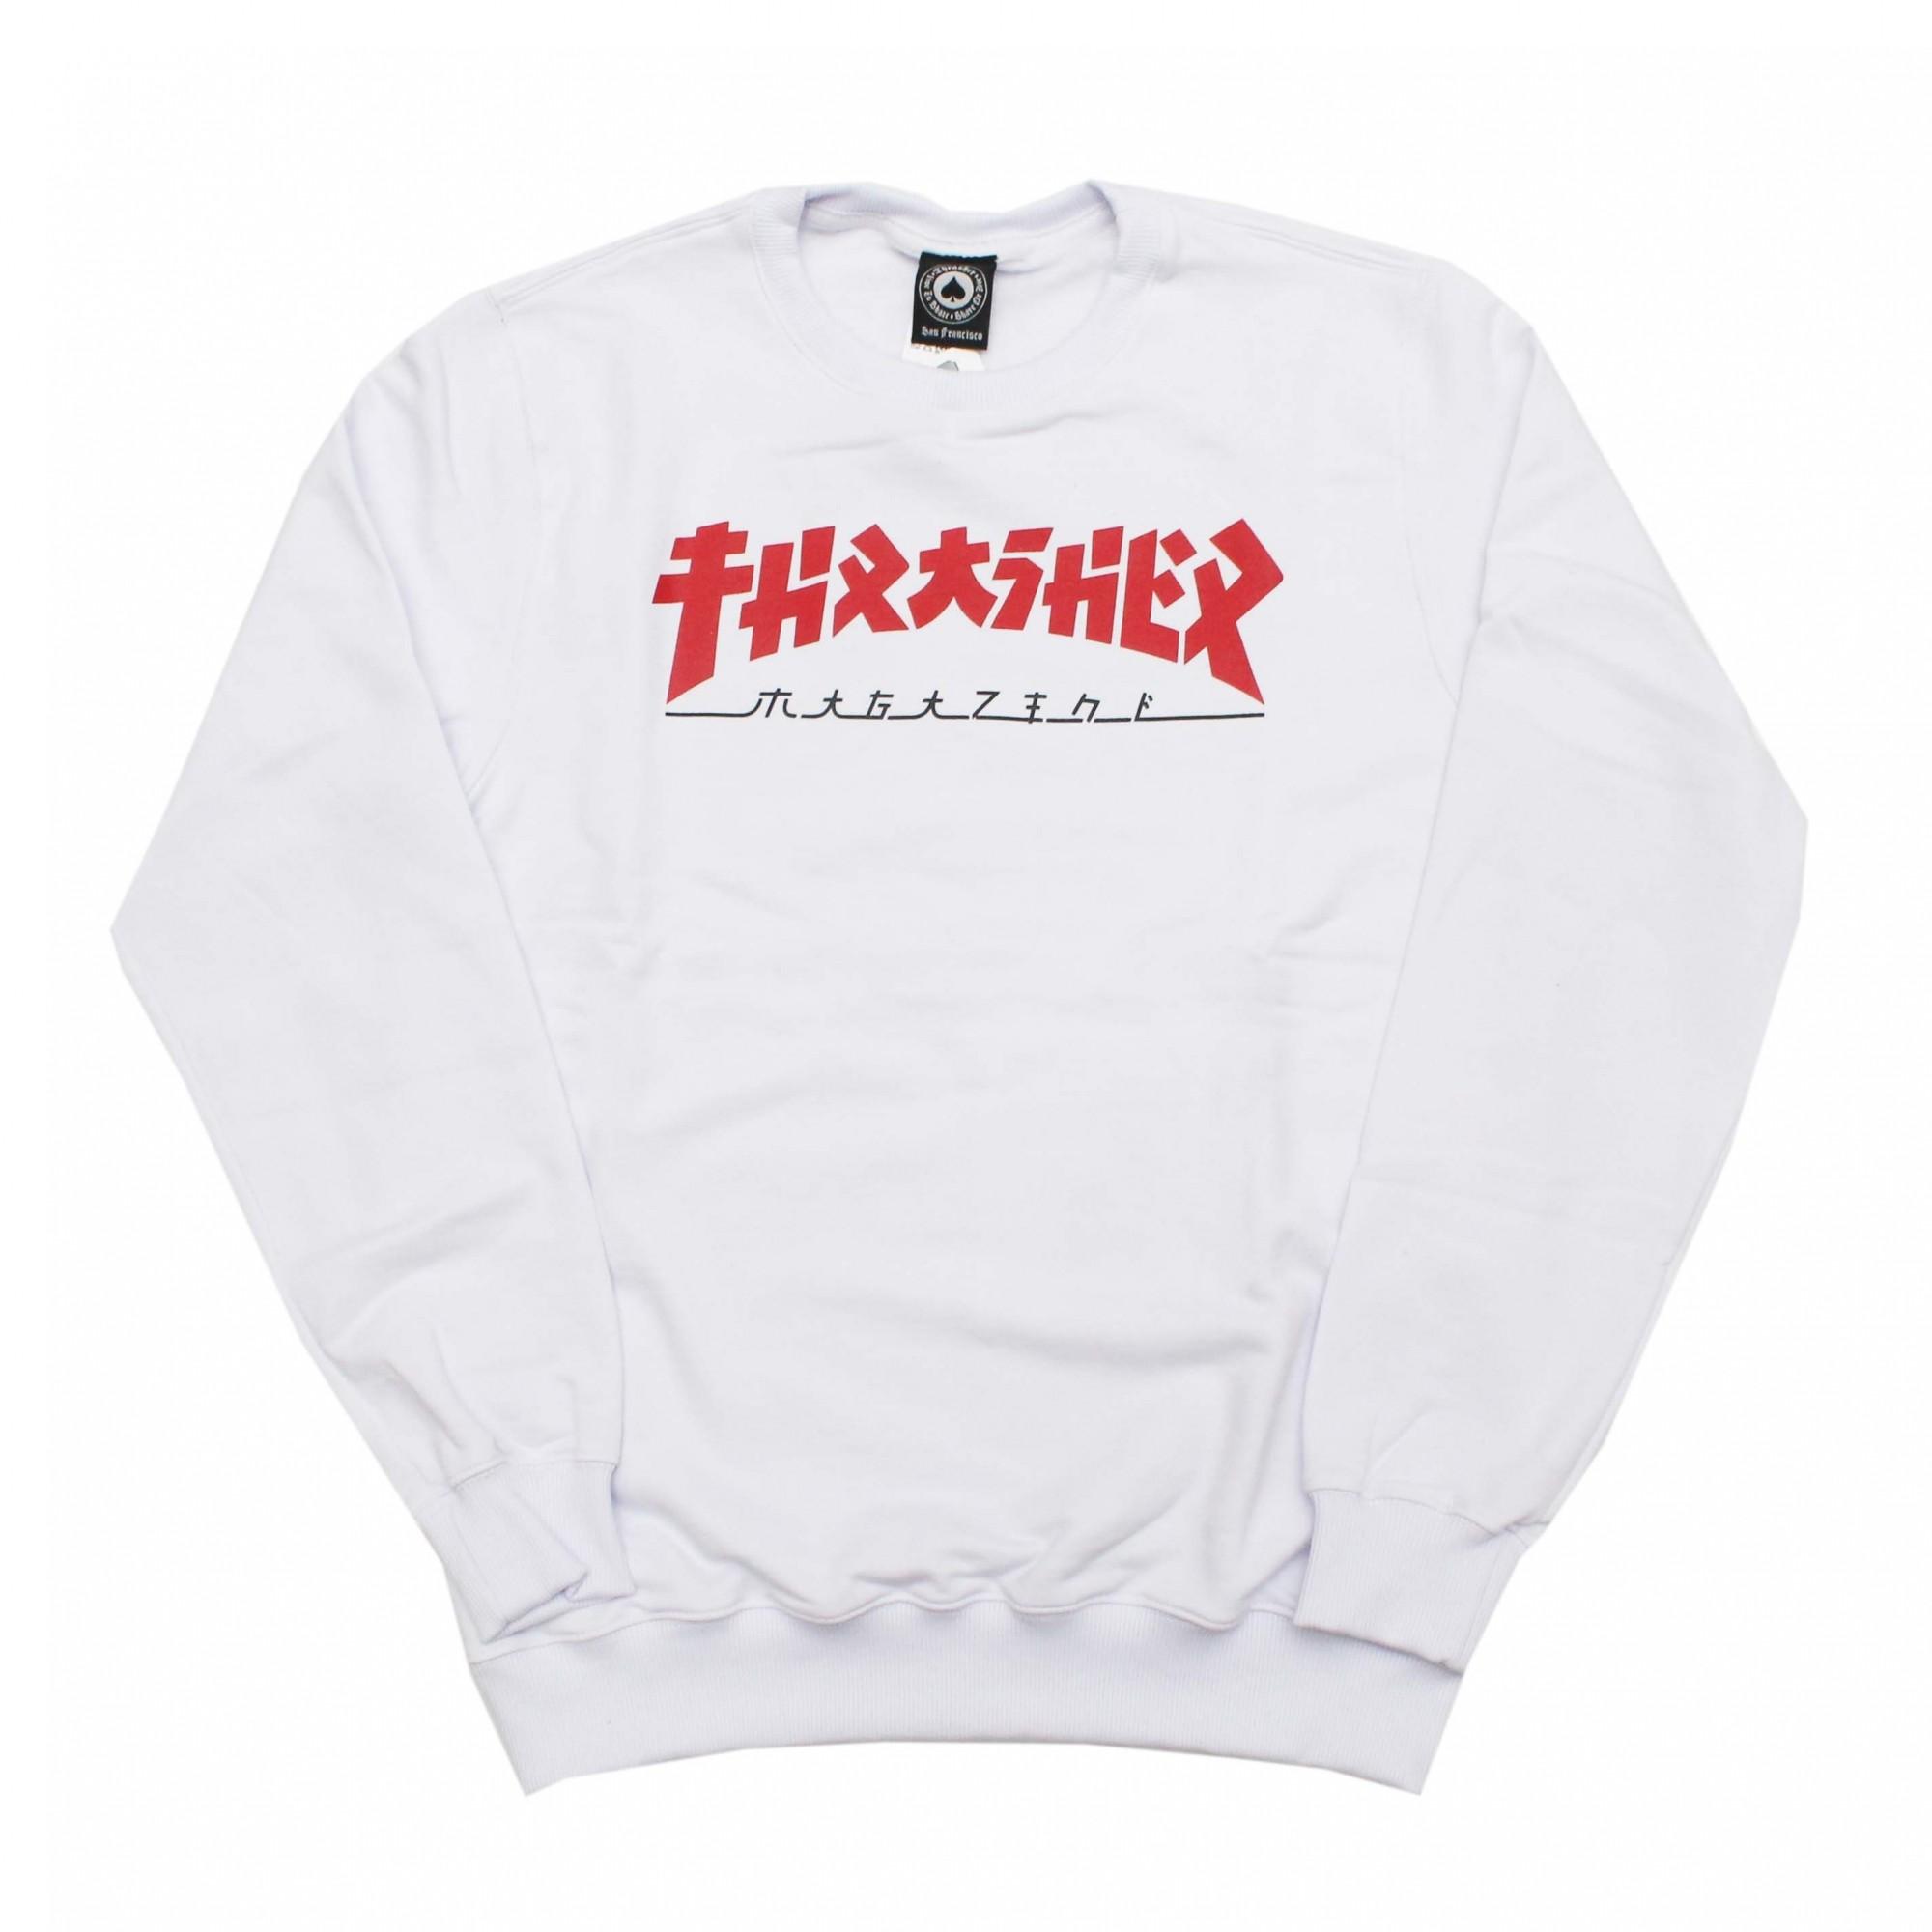 Moletom Thrasher Magazine Careca Godzilla - Branco